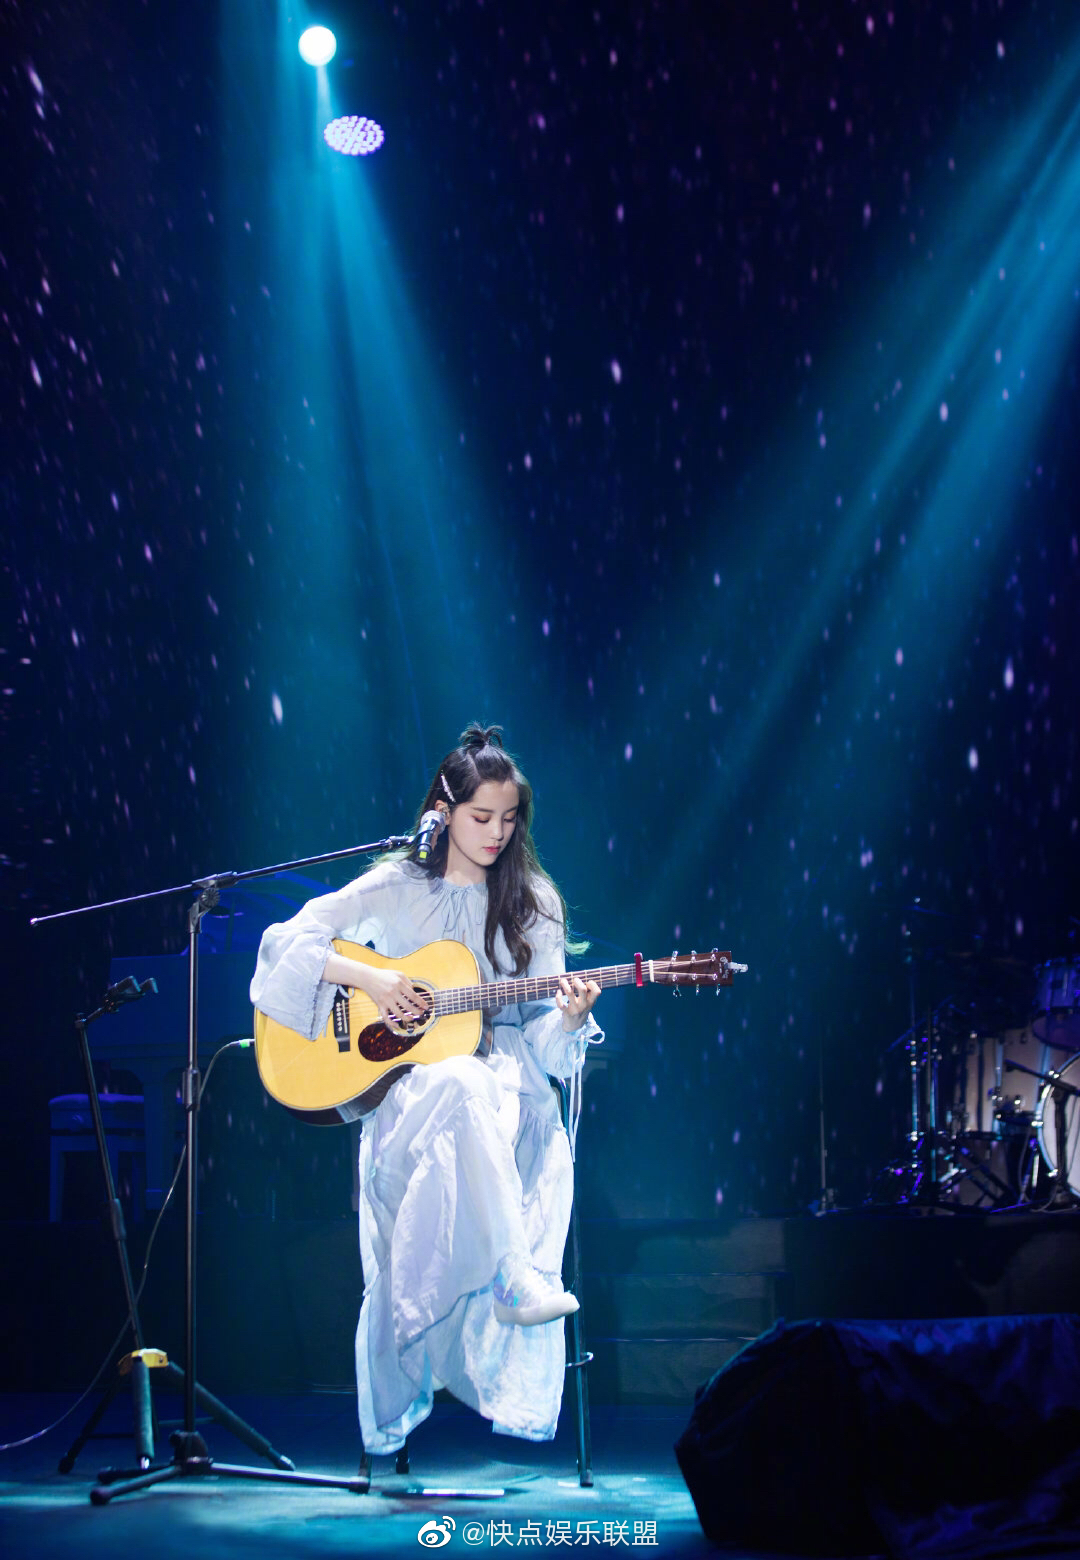 @歐陽娜娜Nana 十周年巡回音乐会南京站造型,有颜有才的小仙女